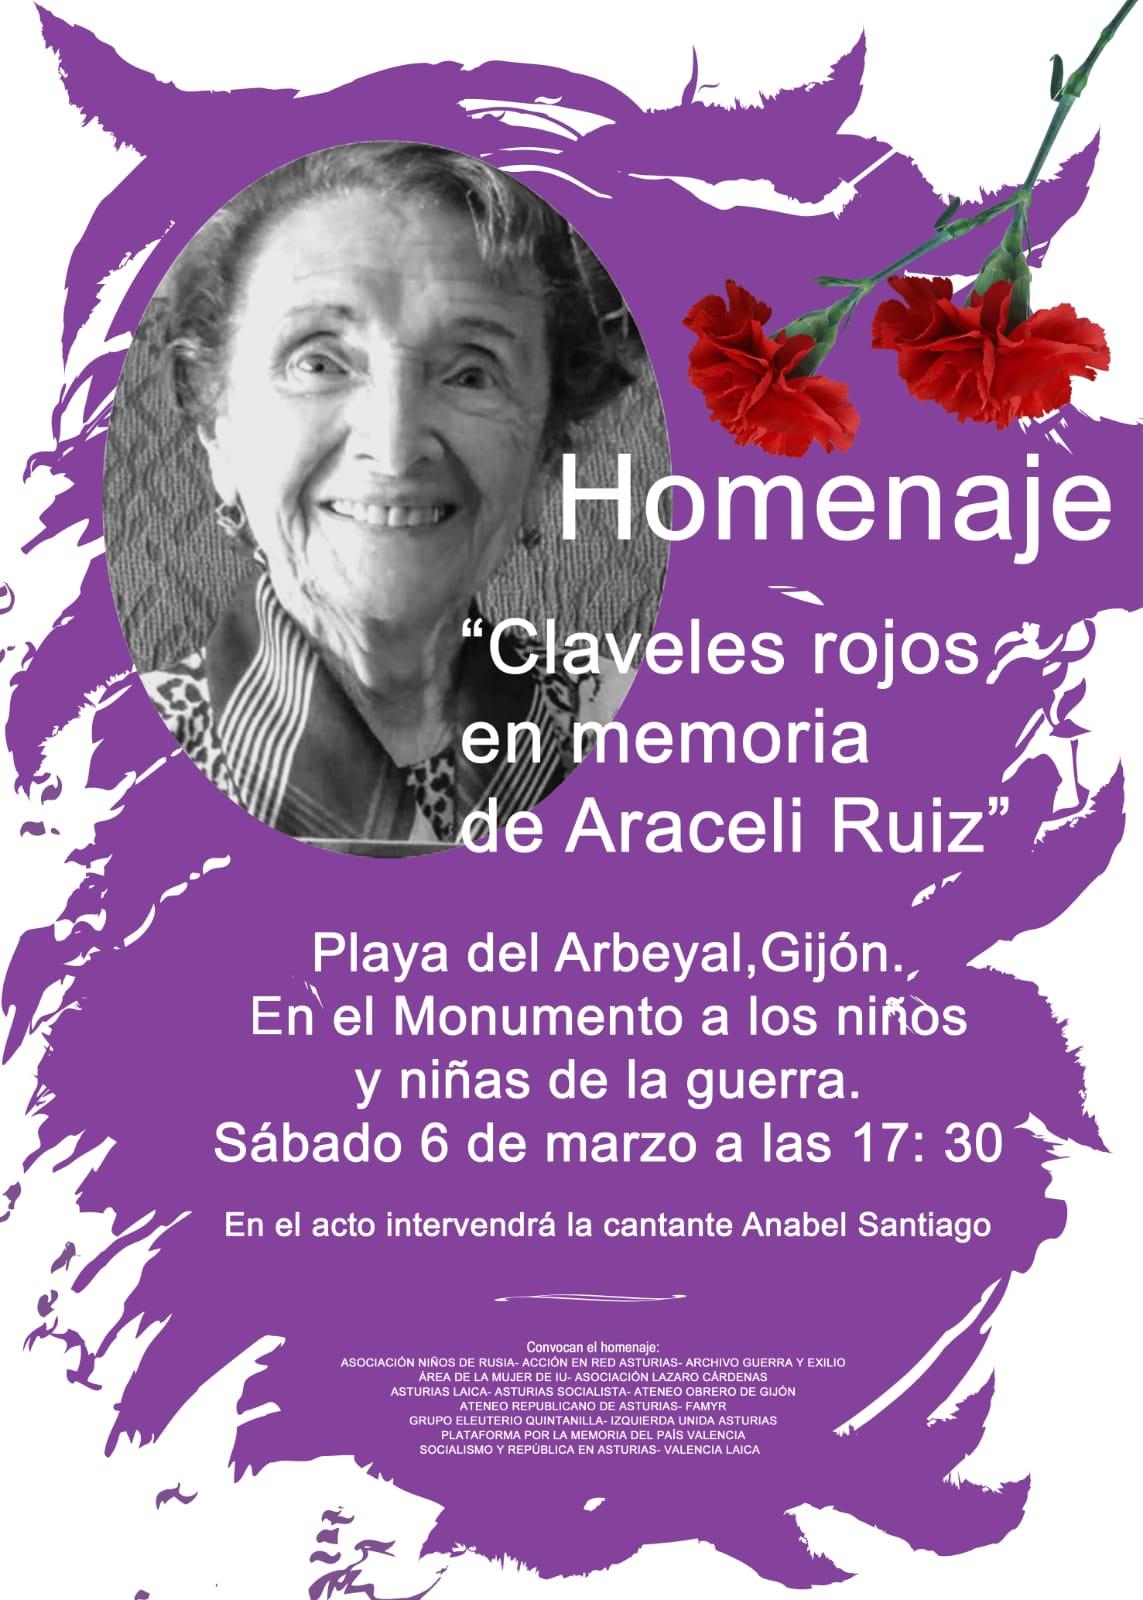 Sábado 6/03/2021, El Arbeyal, Xixón. Acto en memoria de Araceli Ruíz